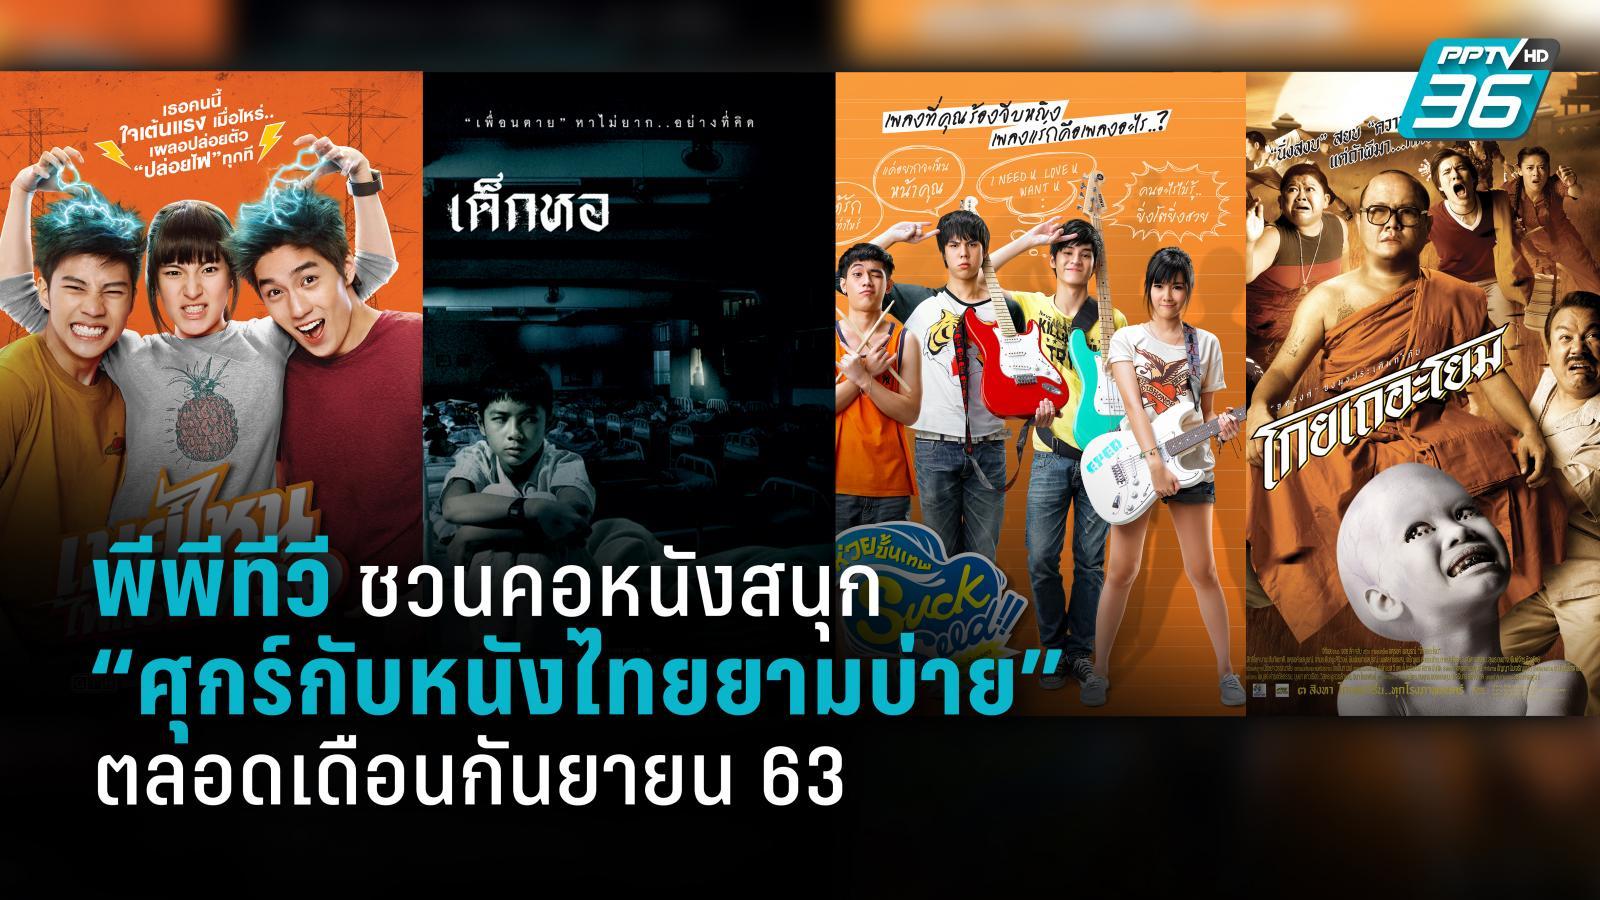 """""""พีพีทีวี"""" ชวนคอหนังสนุก """"ศุกร์กับหนังไทยยามบ่าย""""  เตรียมโกยรอยยิ้มแบบแรงยกก๊วน ตลอดทั้งเดือนกันยายน 63"""